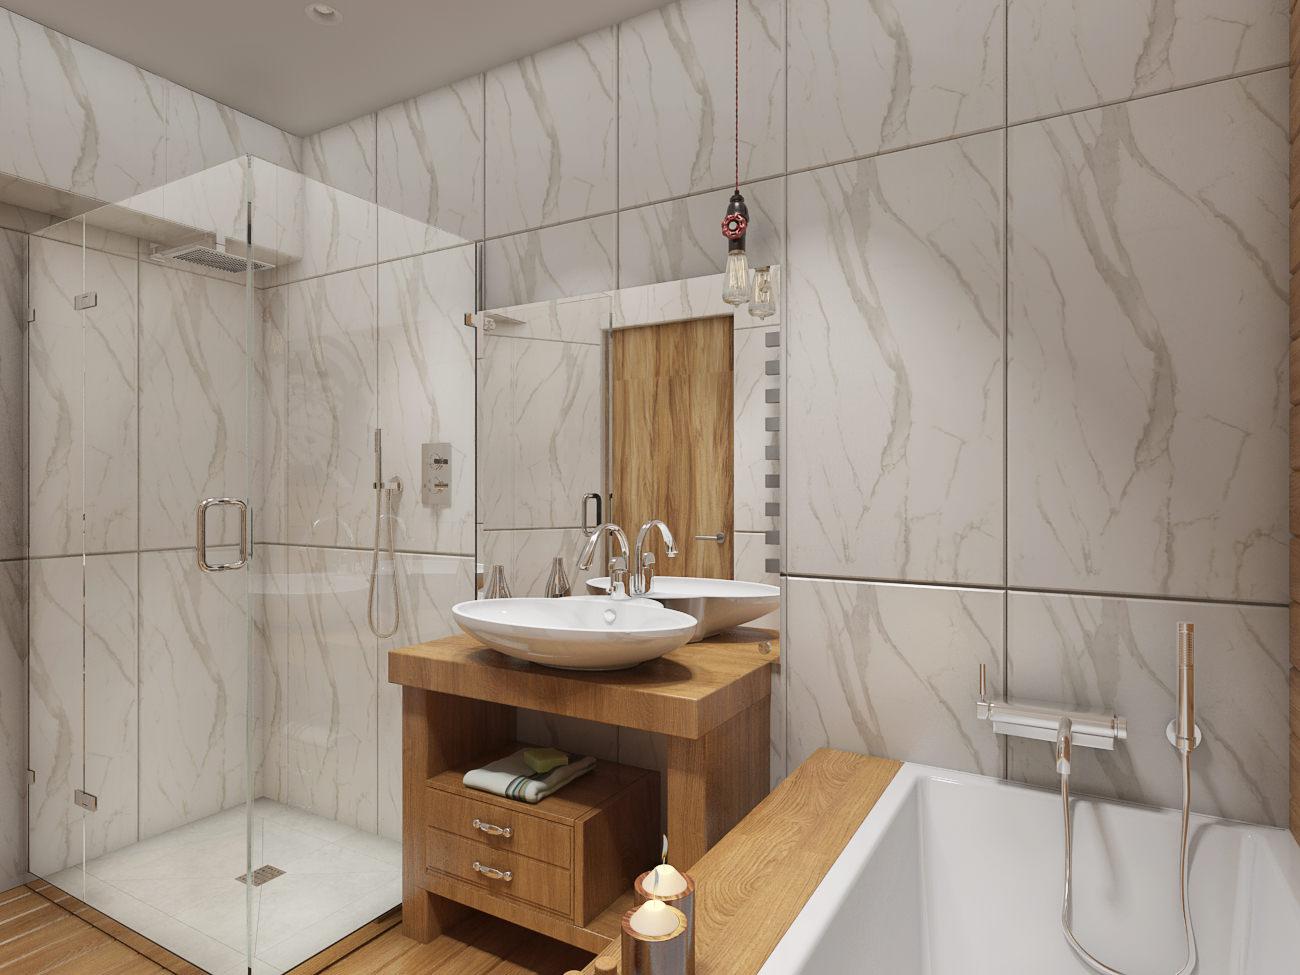 Плитка под натуральный камень и дерево в интерьере ванной комнаты